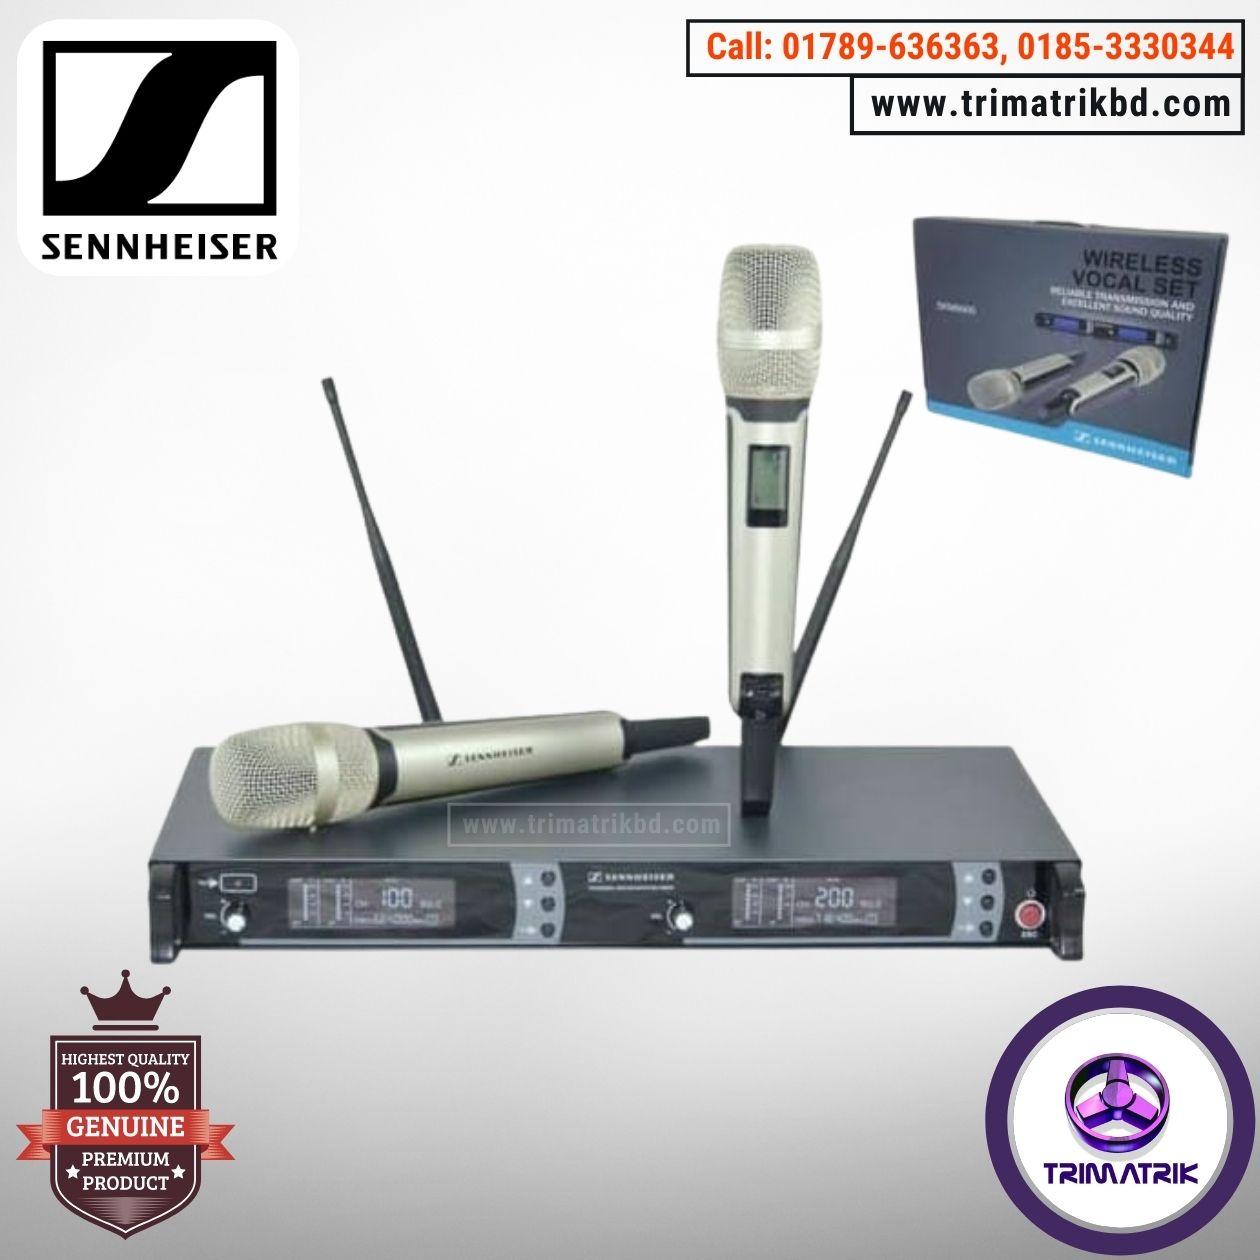 Sennheiser SKM 9000 Bangladesh, TRIMATRIK